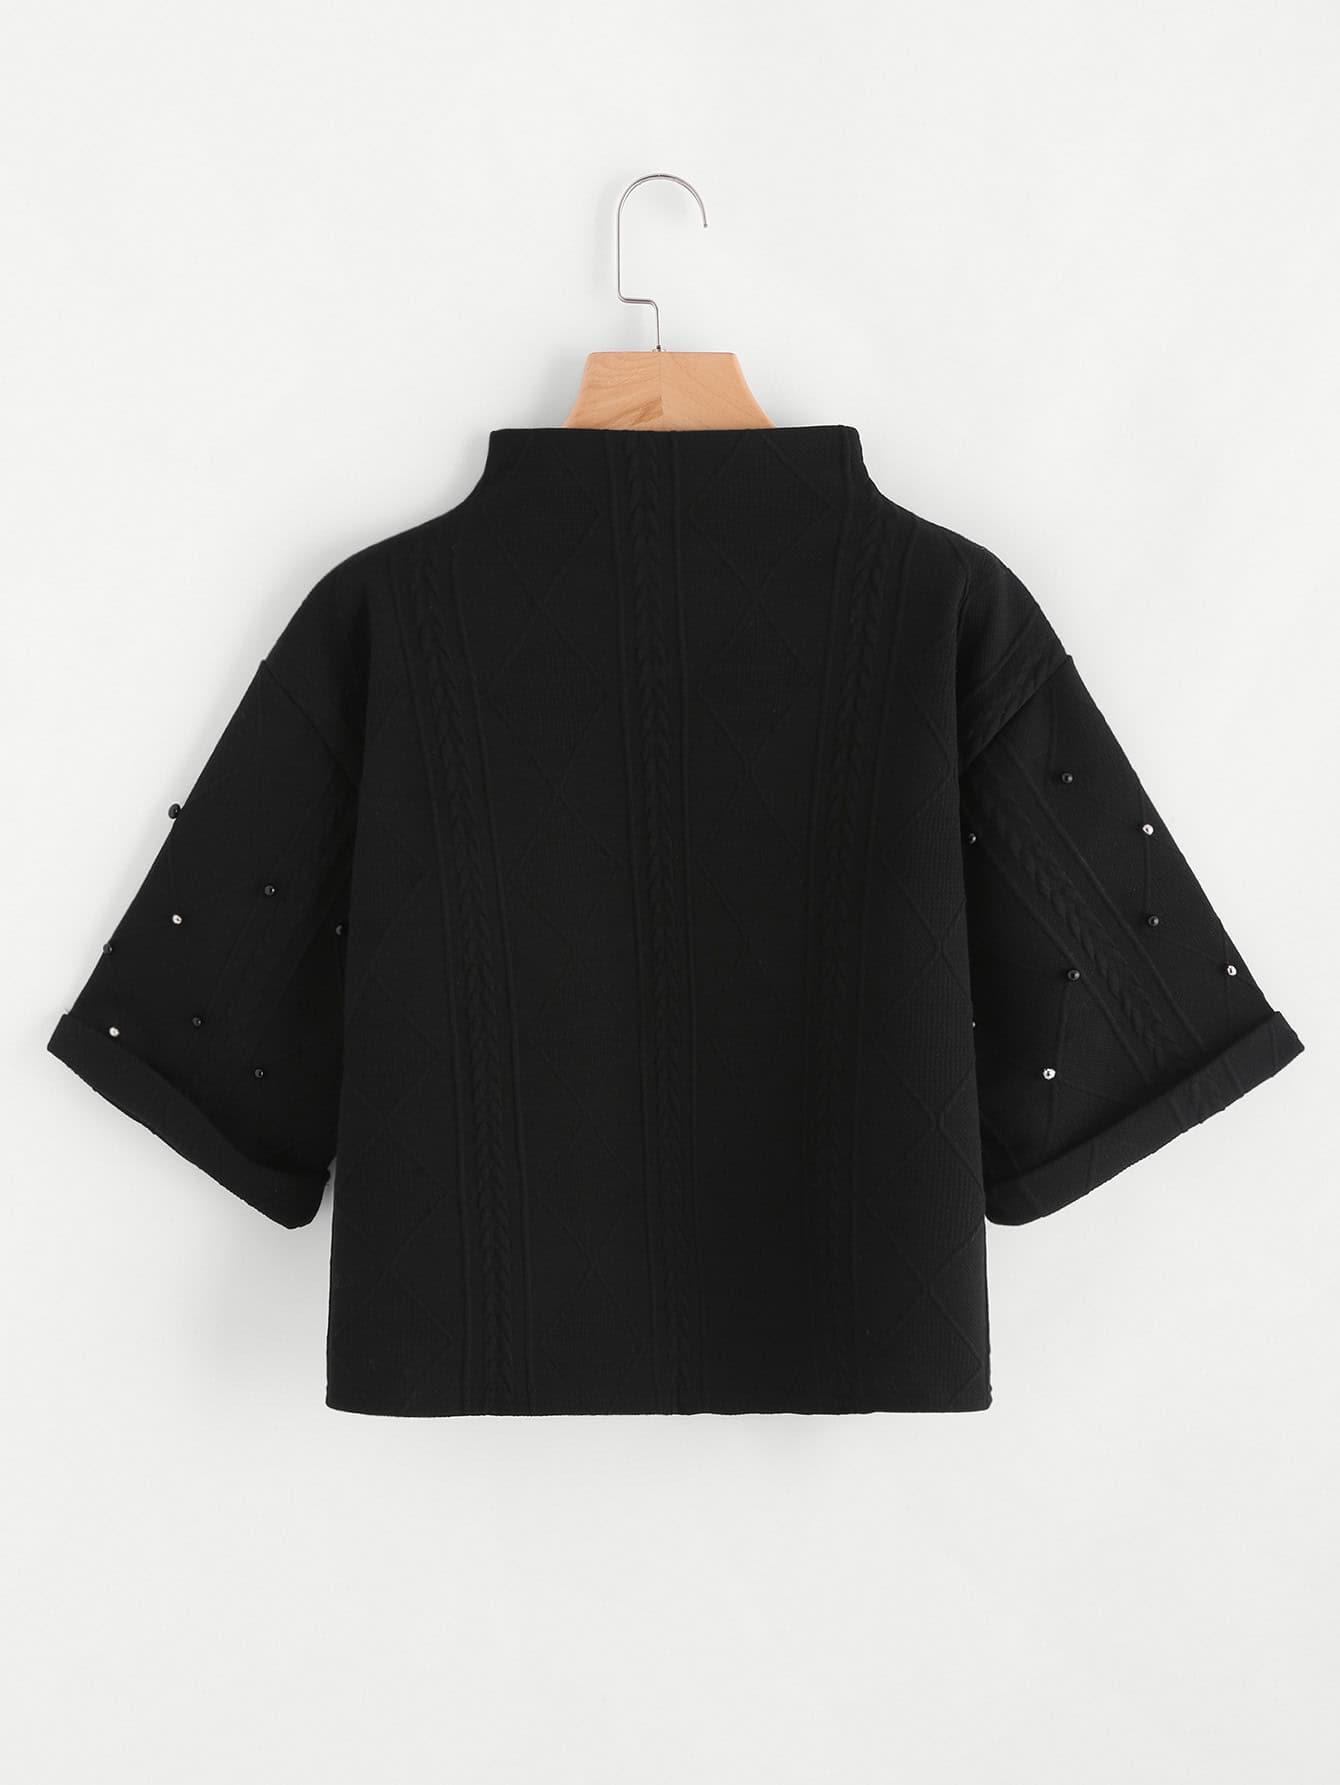 Mock Neck Beading Embossed High Low Sweatshirt